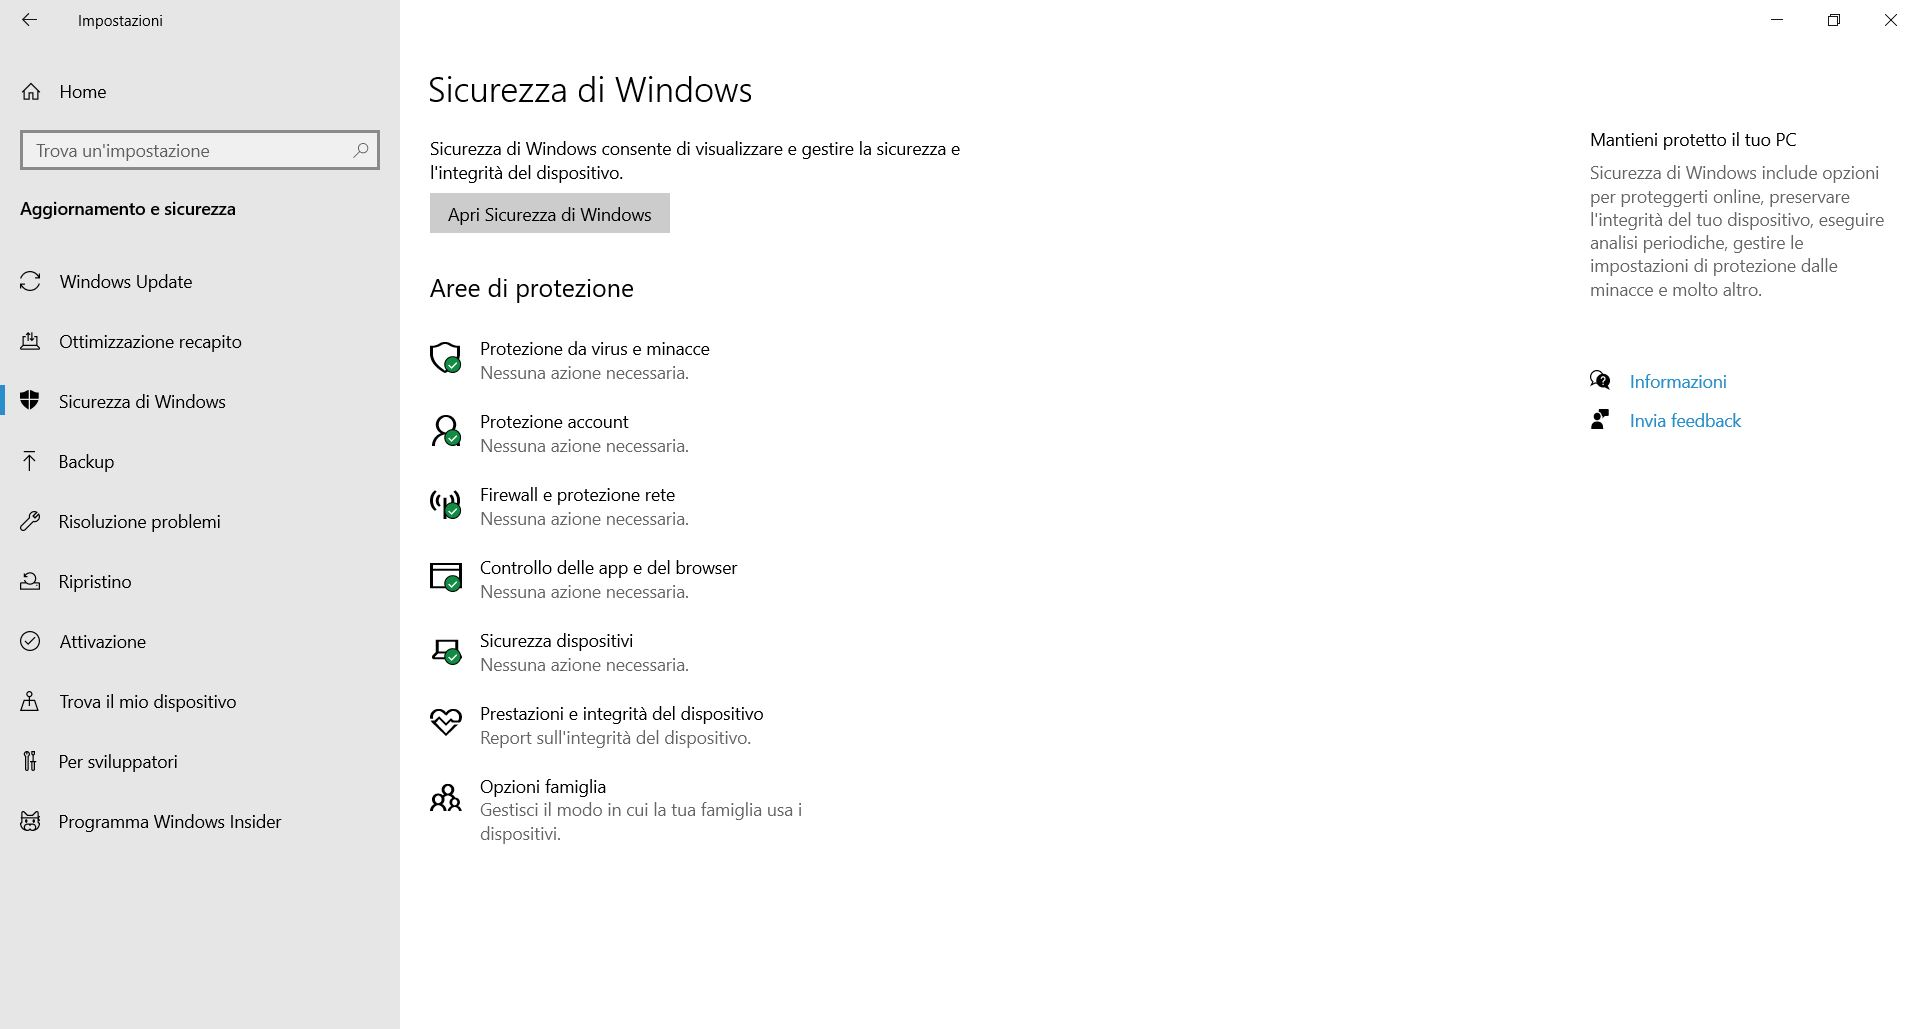 Sicurezza di Windows 10